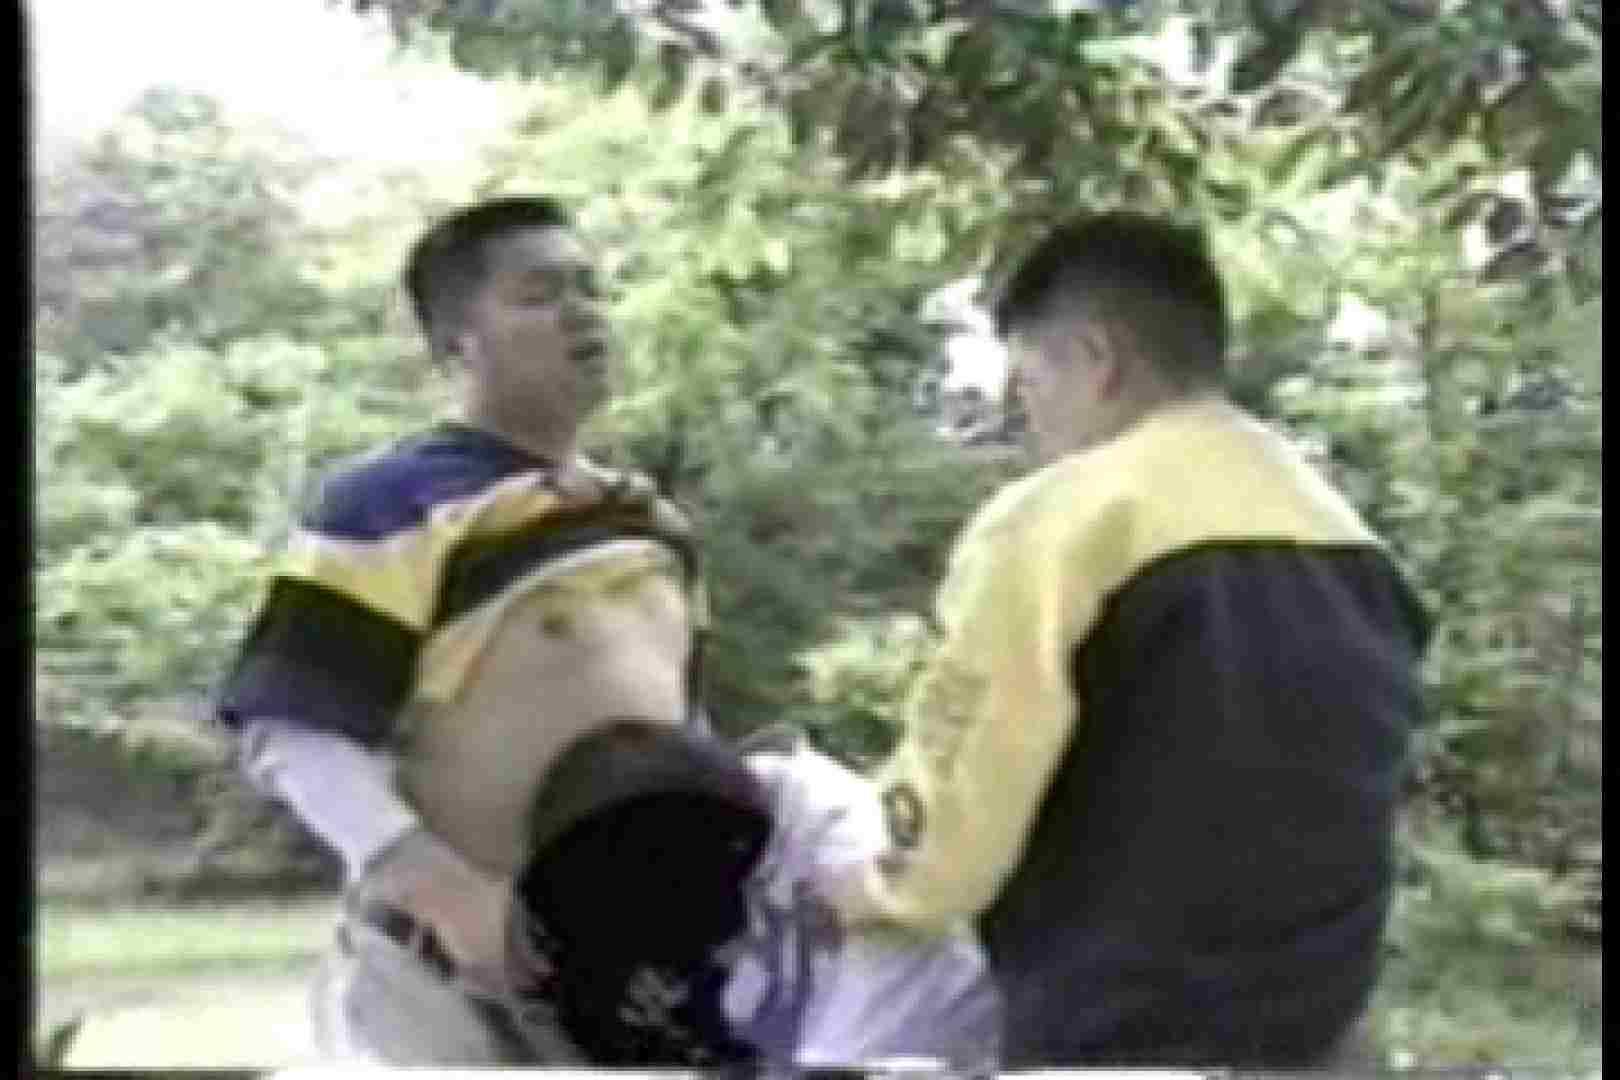 太った男じゃダメですか?13 おやじ熊系な男たち ペニス画像 97連発 39